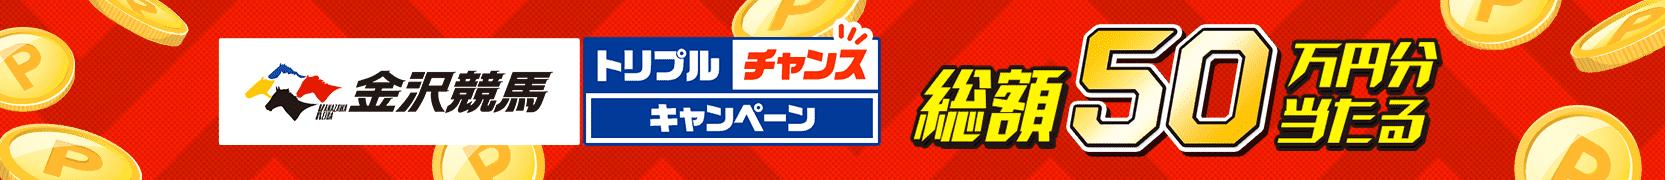 金沢競馬トリプルチャンスキャンペーン(2021年3月)